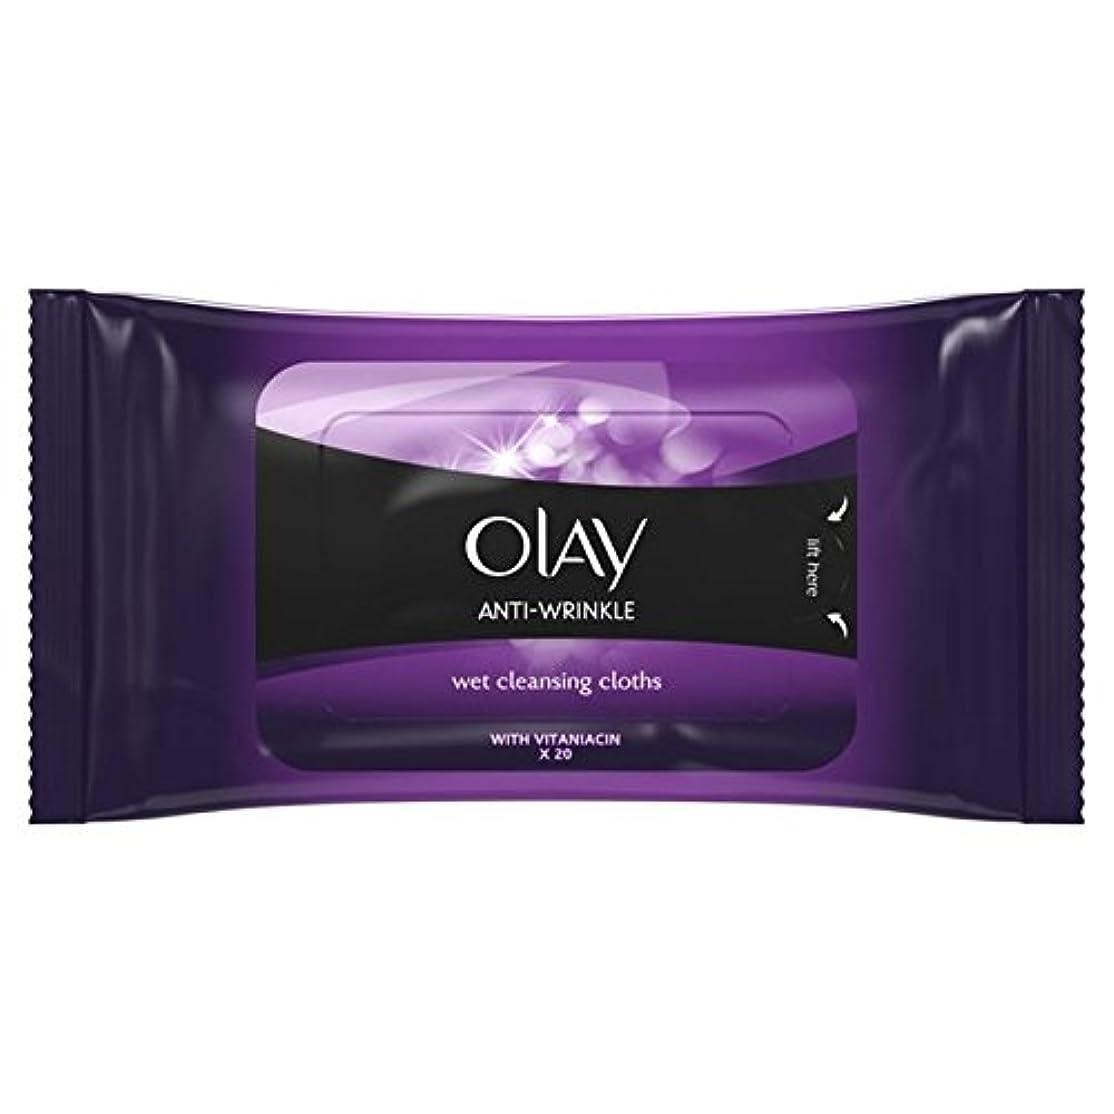 卵言い直すピケパックごとに20ワイプ抗シワ事務所をオーレイ&湿ったクレンジングを持ち上げます x2 - Olay Anti Wrinkle Firm & Lift Wet Cleansing Wipes 20 per pack (Pack...